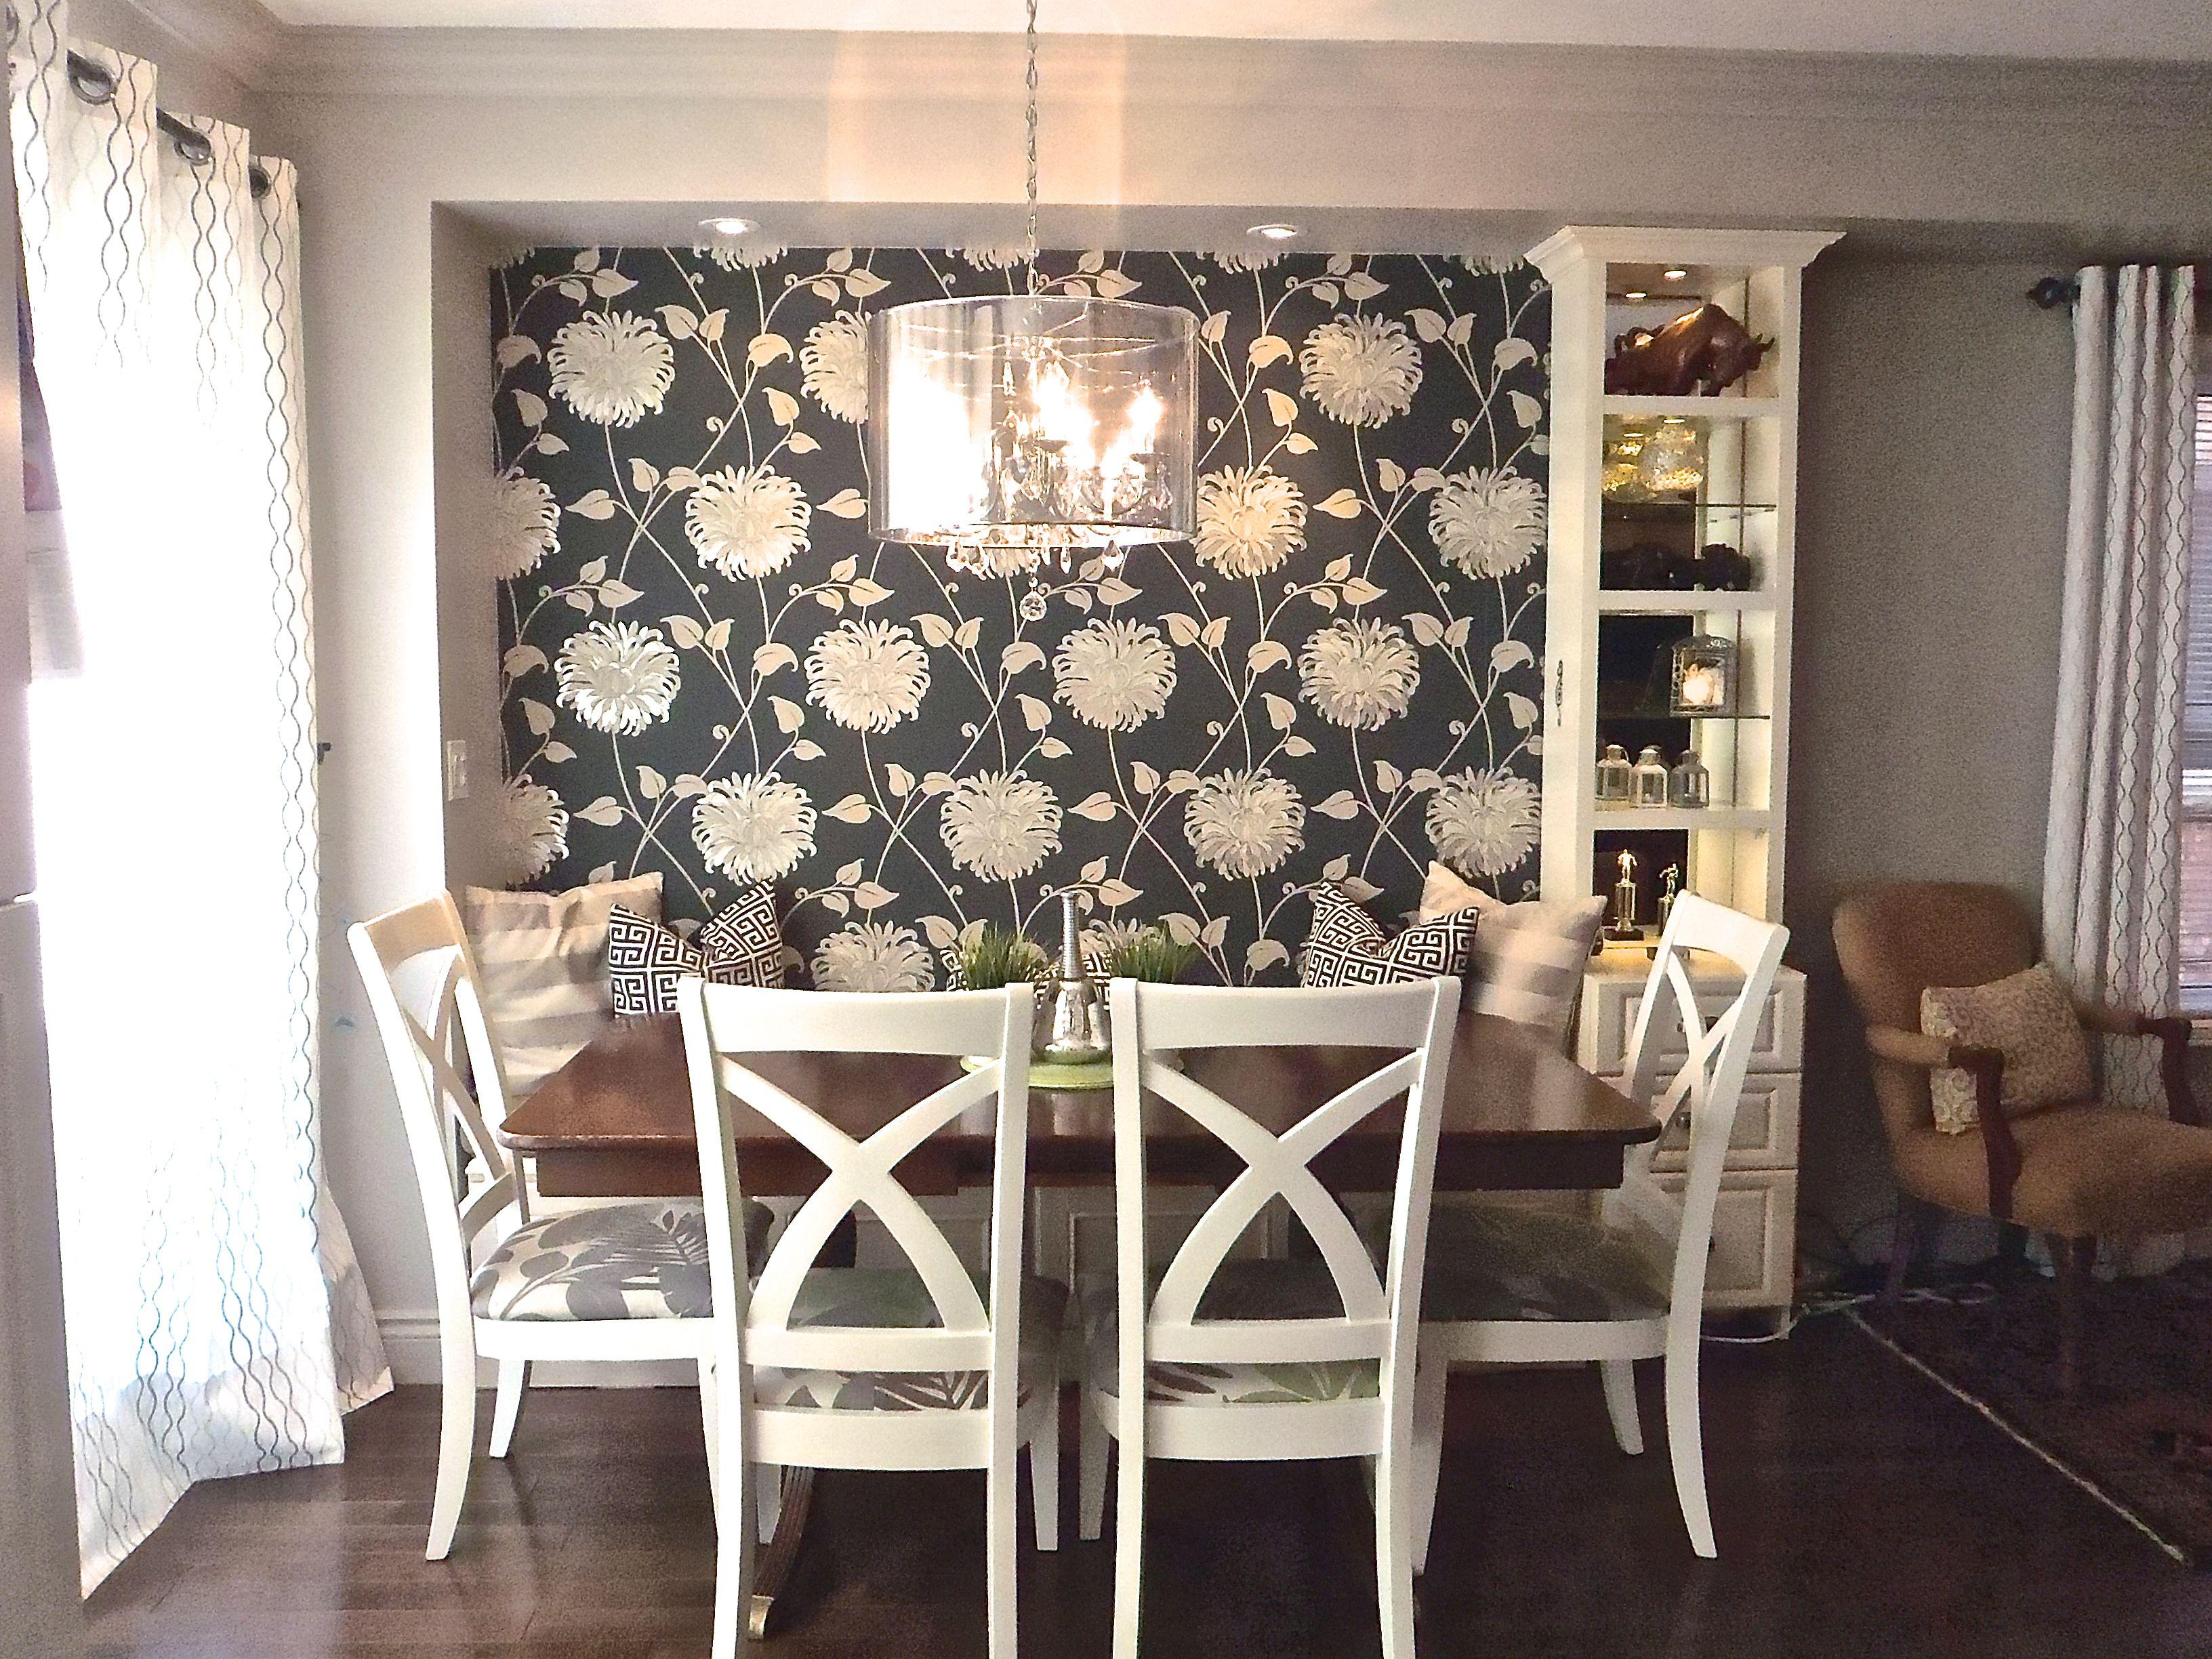 Diy kitchen banquette with a storage bench. | Kitchen ...